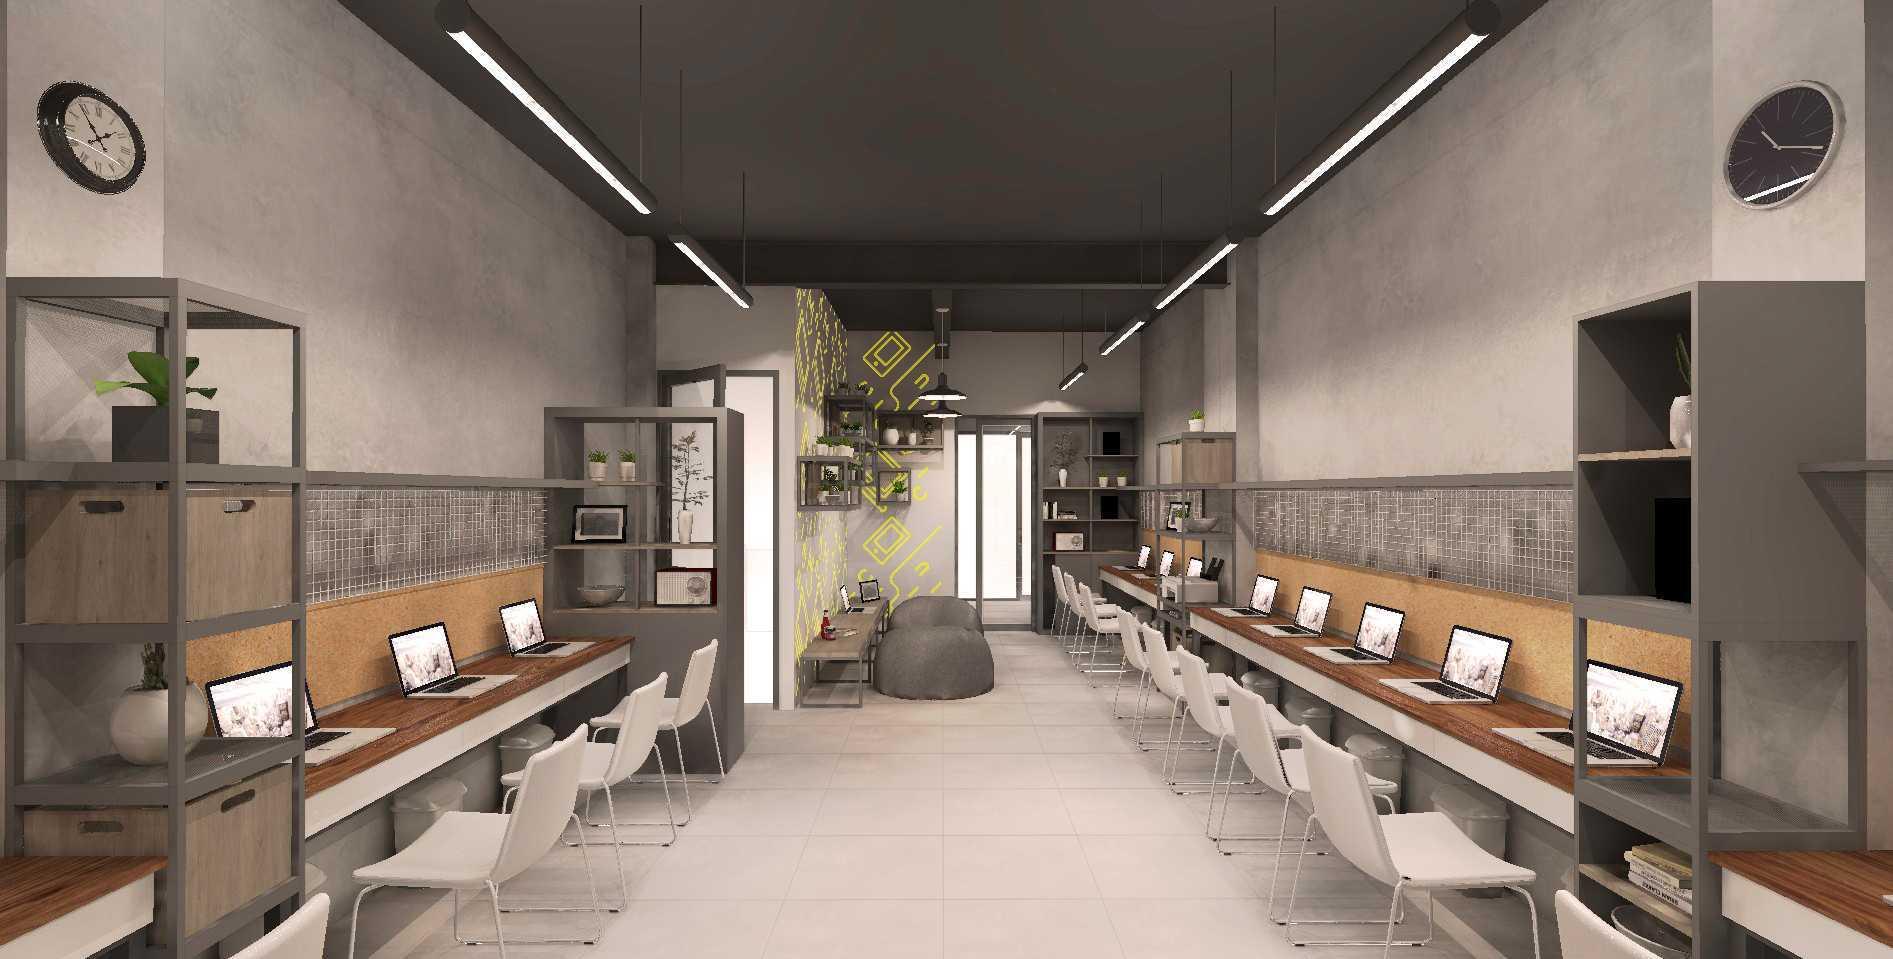 omeoo - 6 Desain Kantor Interior Inspiratif Terbaik Yang Paling Banyak Ditiru